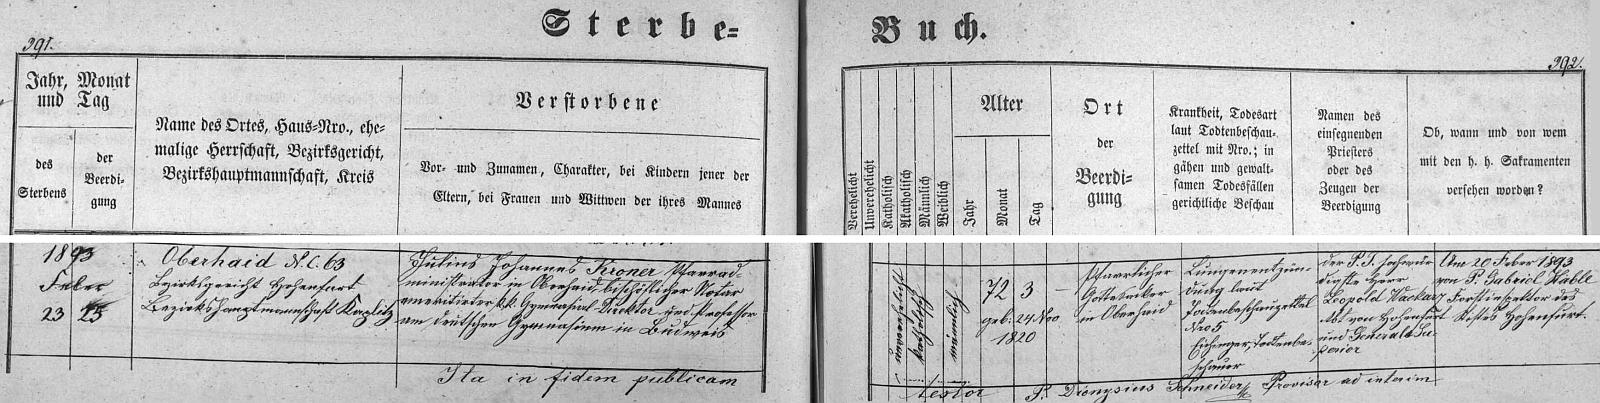 """Záznam o jeho úmrtí a pohřbu v Horním Dvořišti z tamní Knihy zemřelých, z něhož vyplývá, že místem uložení jeho tělesných ostatků bylo opravdu """"farní Boží pole"""" (""""Pfarrlicher Gottesacker"""") hornodvořišťské, příčinou skonu pak zápal plic"""